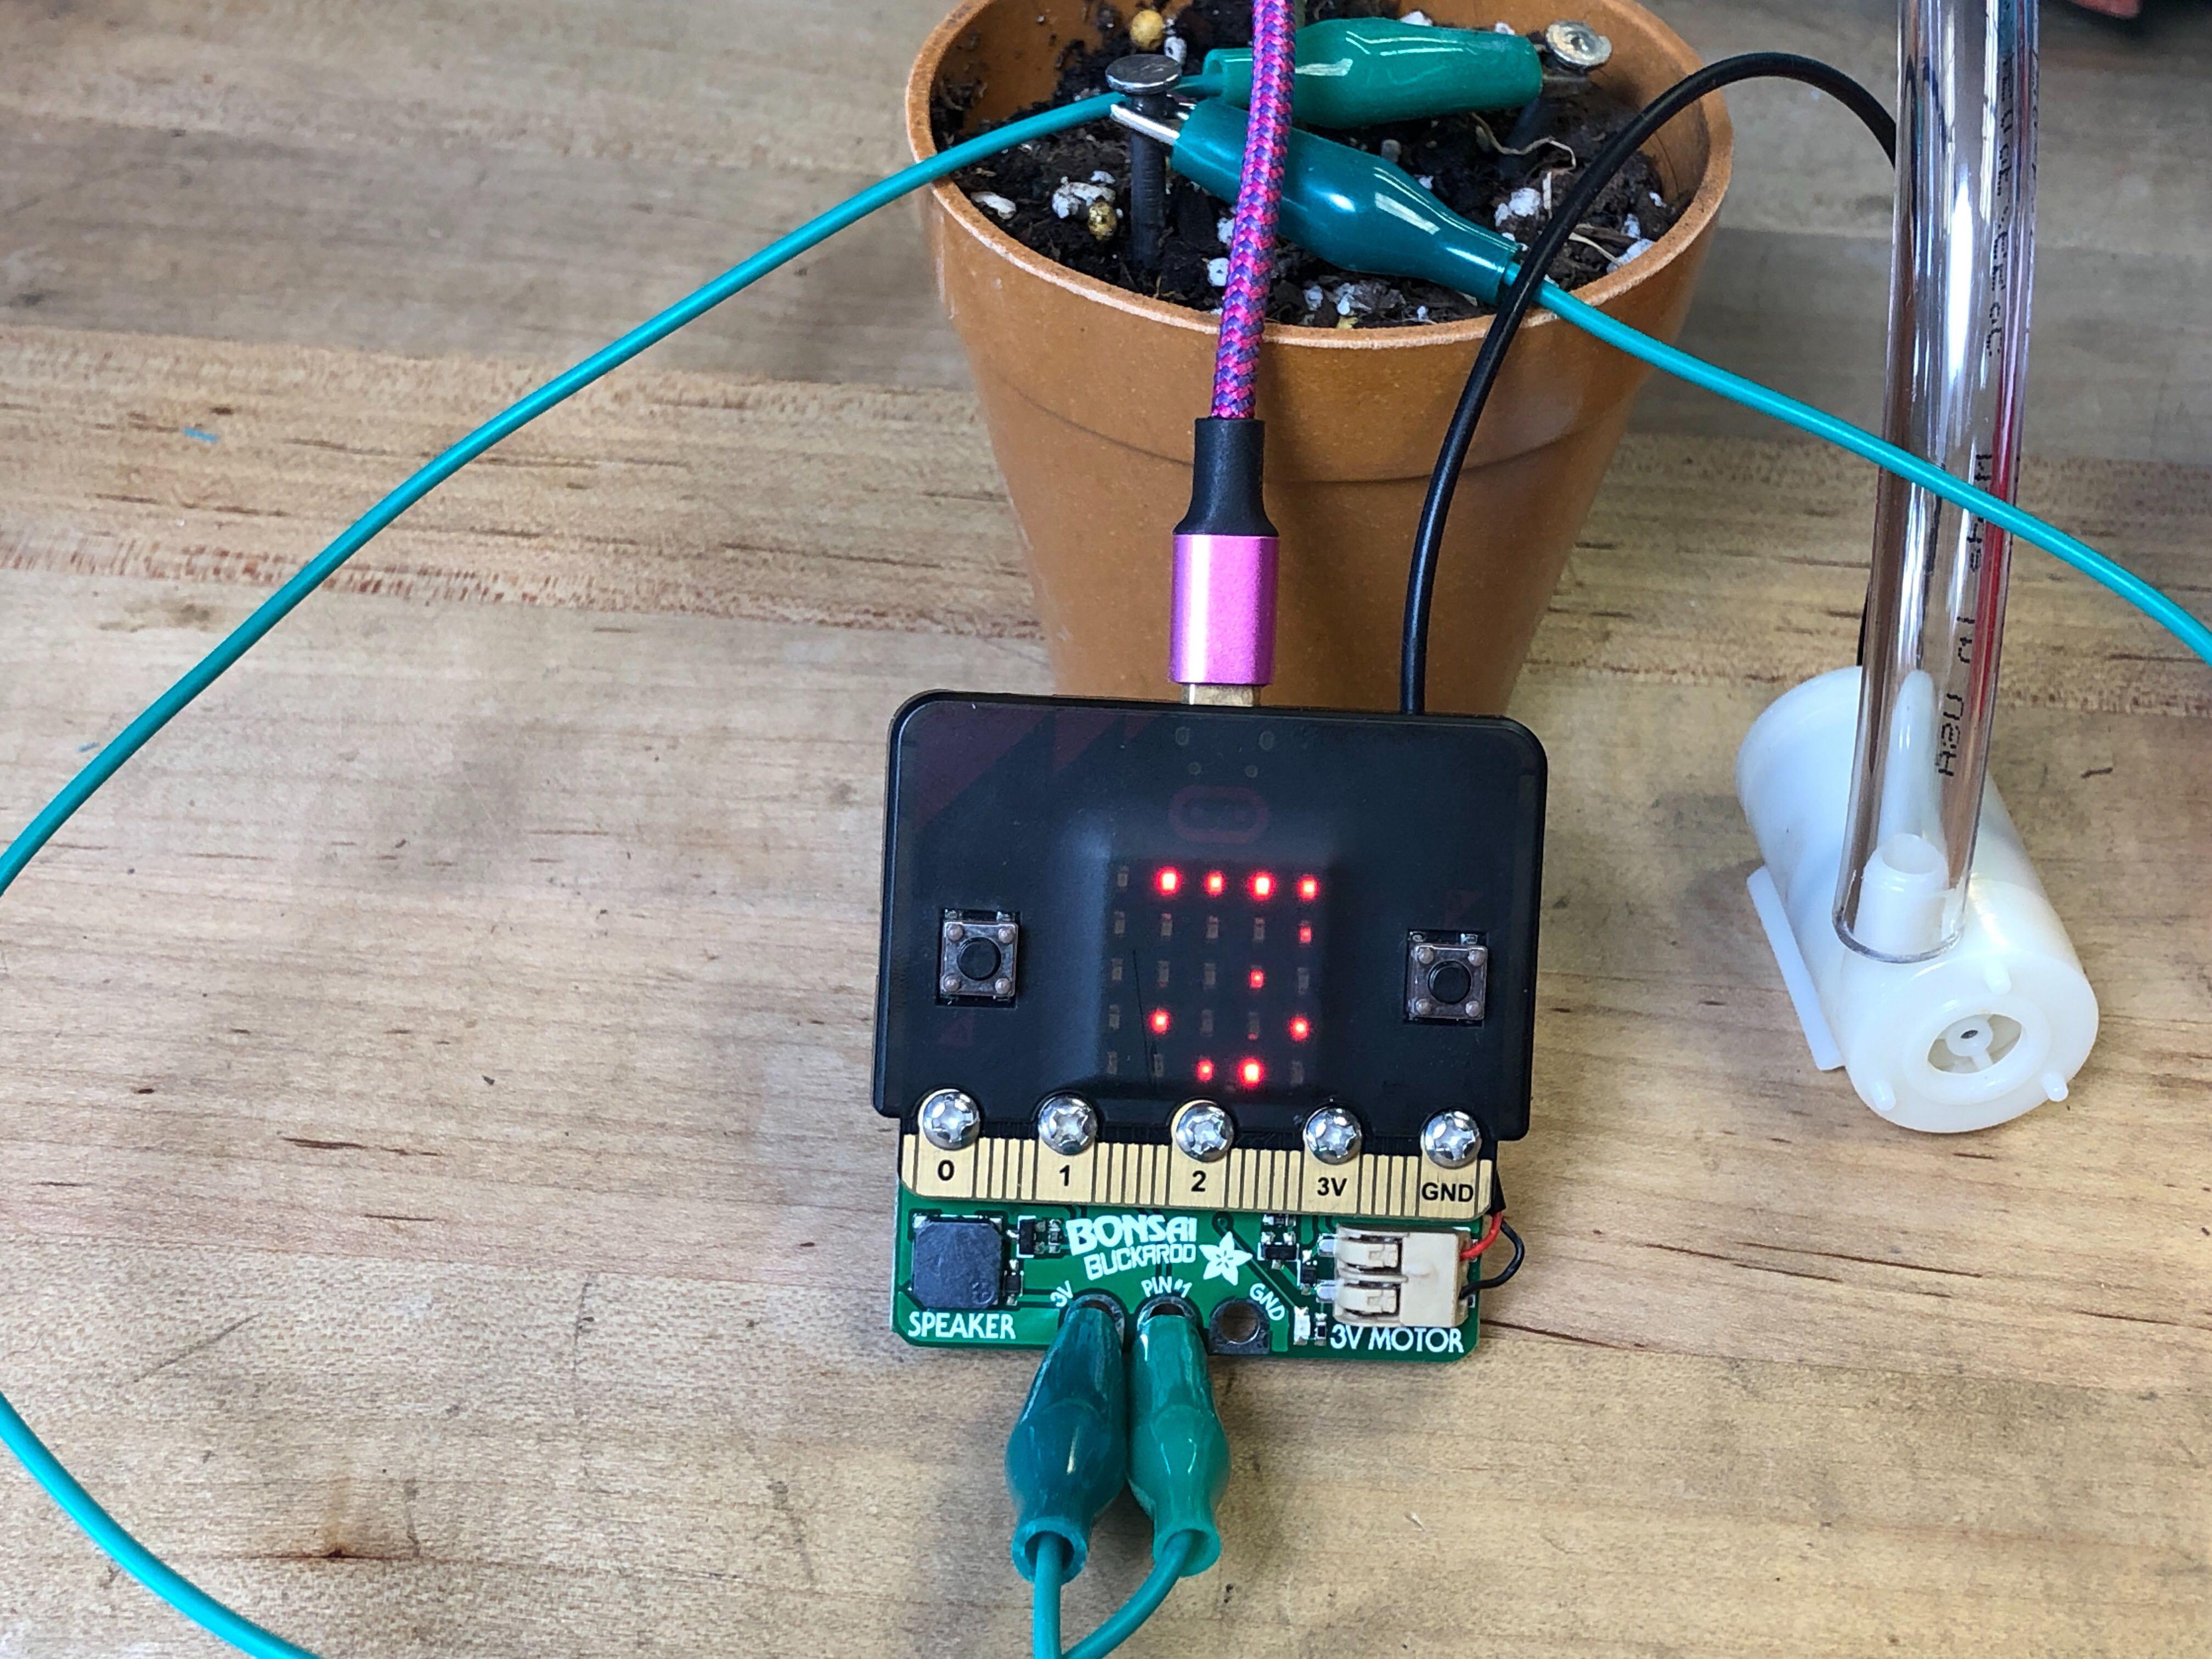 sensors_micro-bit_bar_graph3.jpg